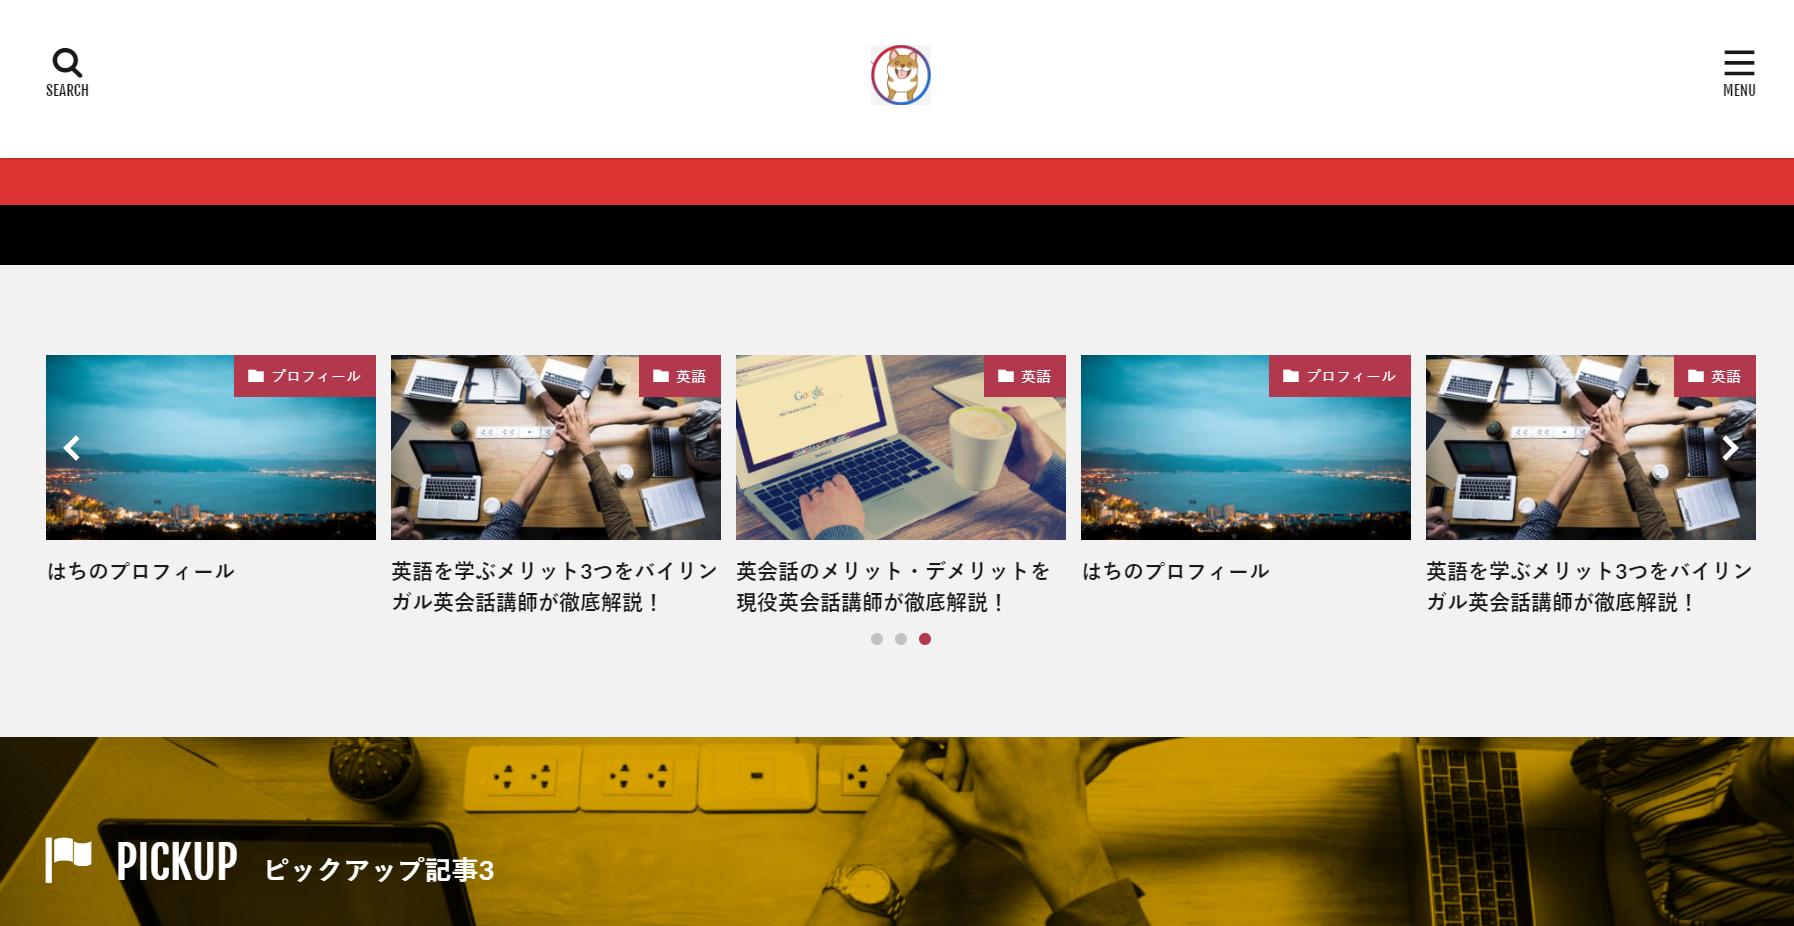 はちブログ